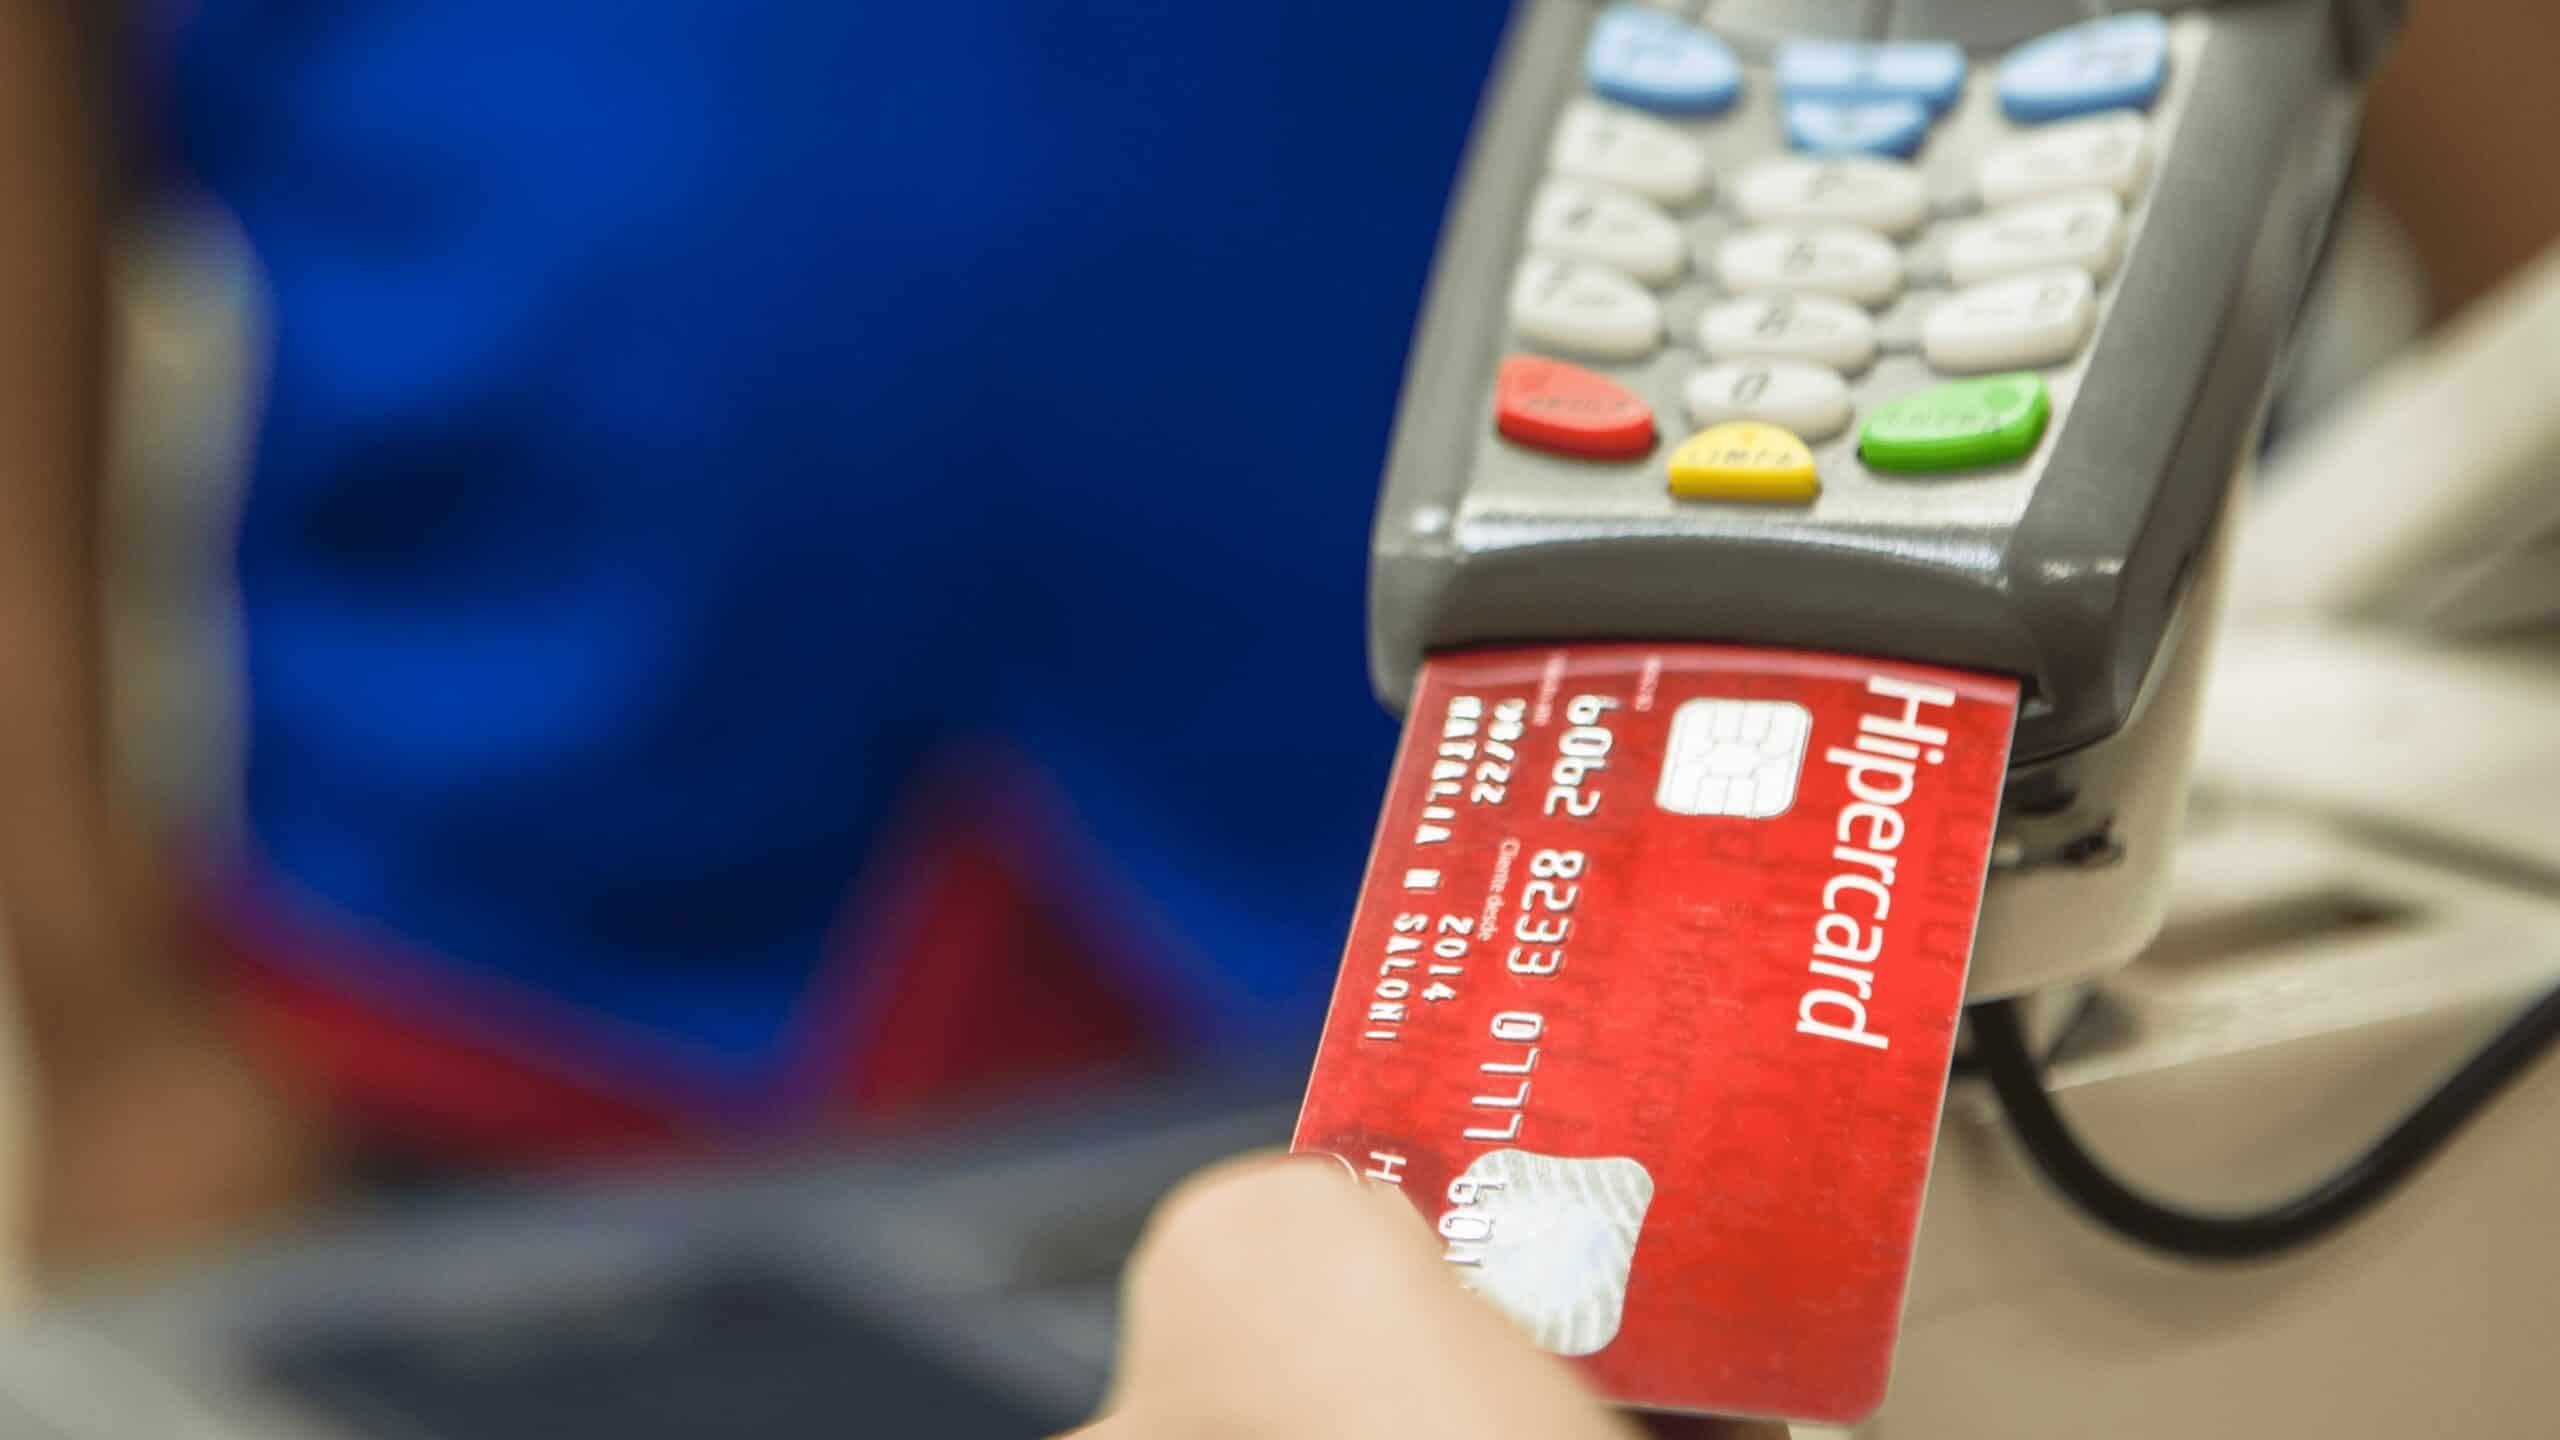 Dica: aprenda como organizar sua dívida com o cartão em tempos de crise